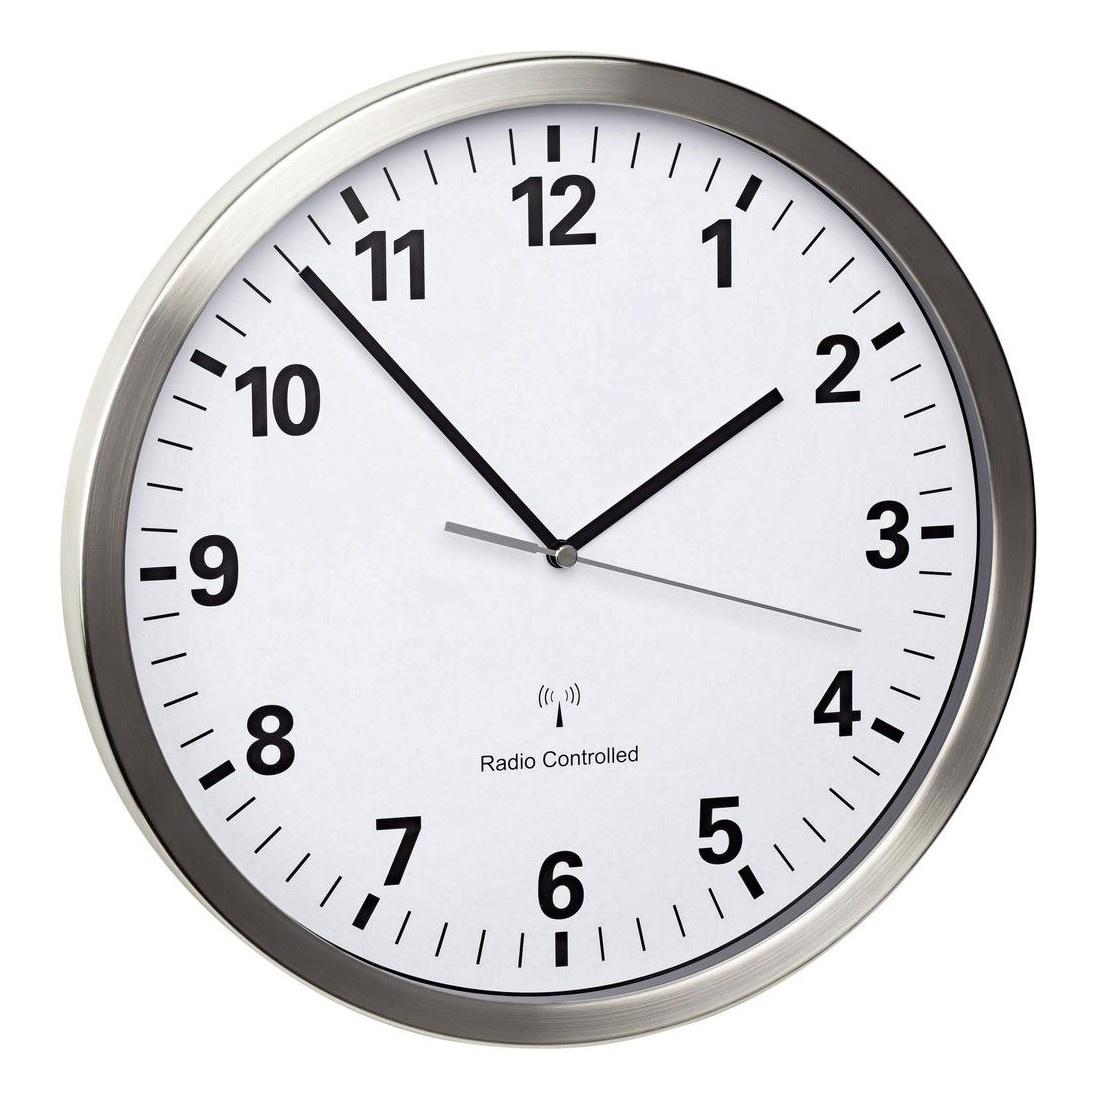 TFA Dostmann Nástěnné DCF hodiny TFA 60.3523.02 s tichým chodem; průměr 305 mm